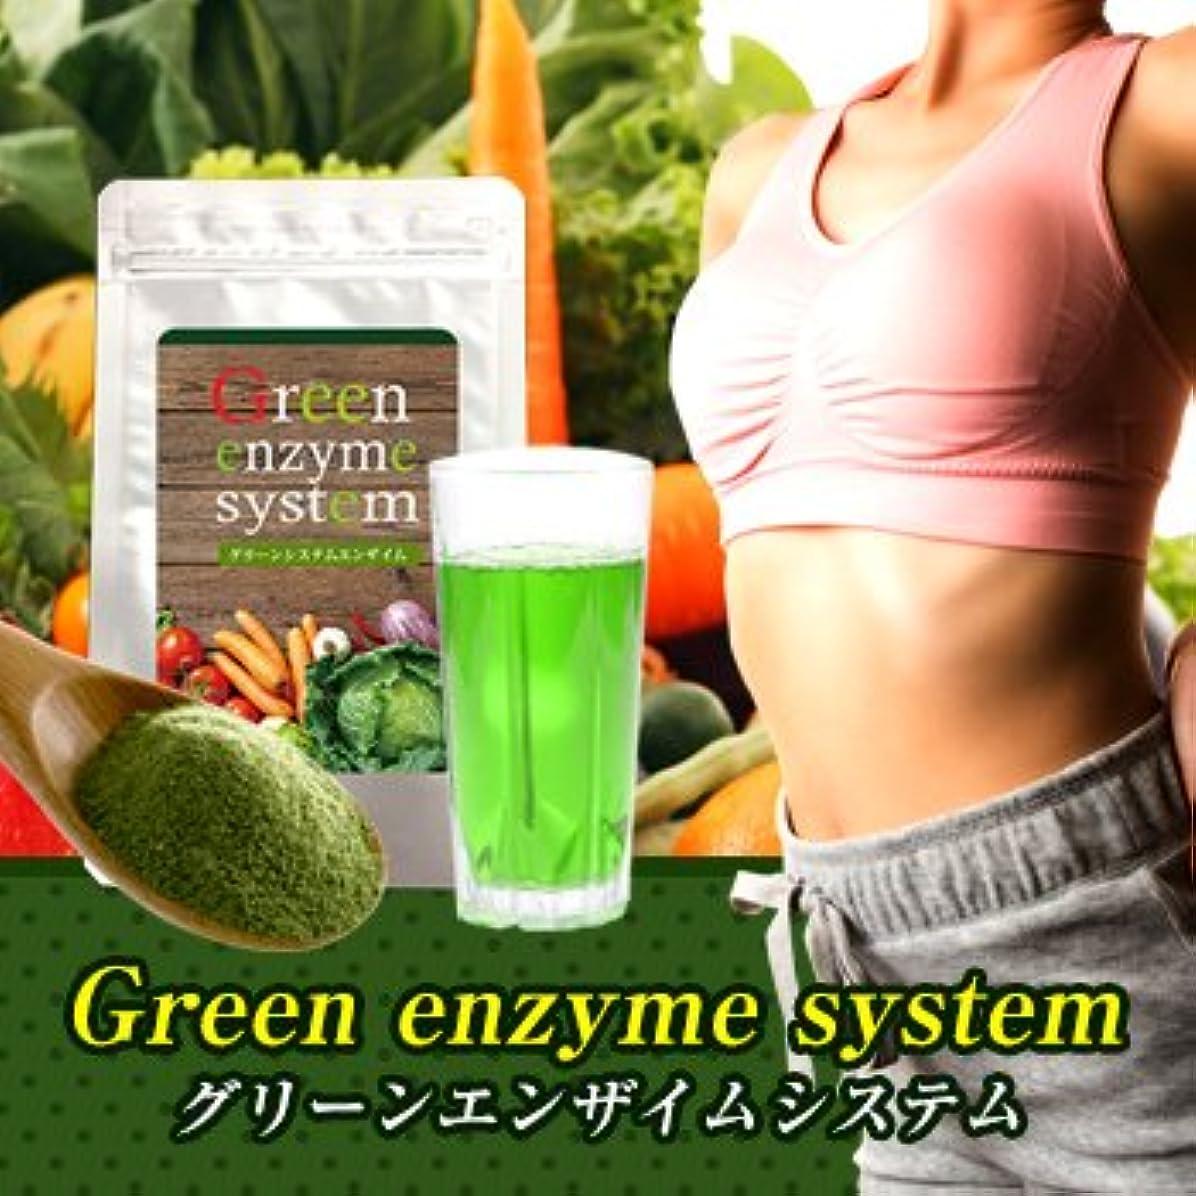 熱帯の払い戻し進むGreen enzyme system(グリーンエンザイムシステム)